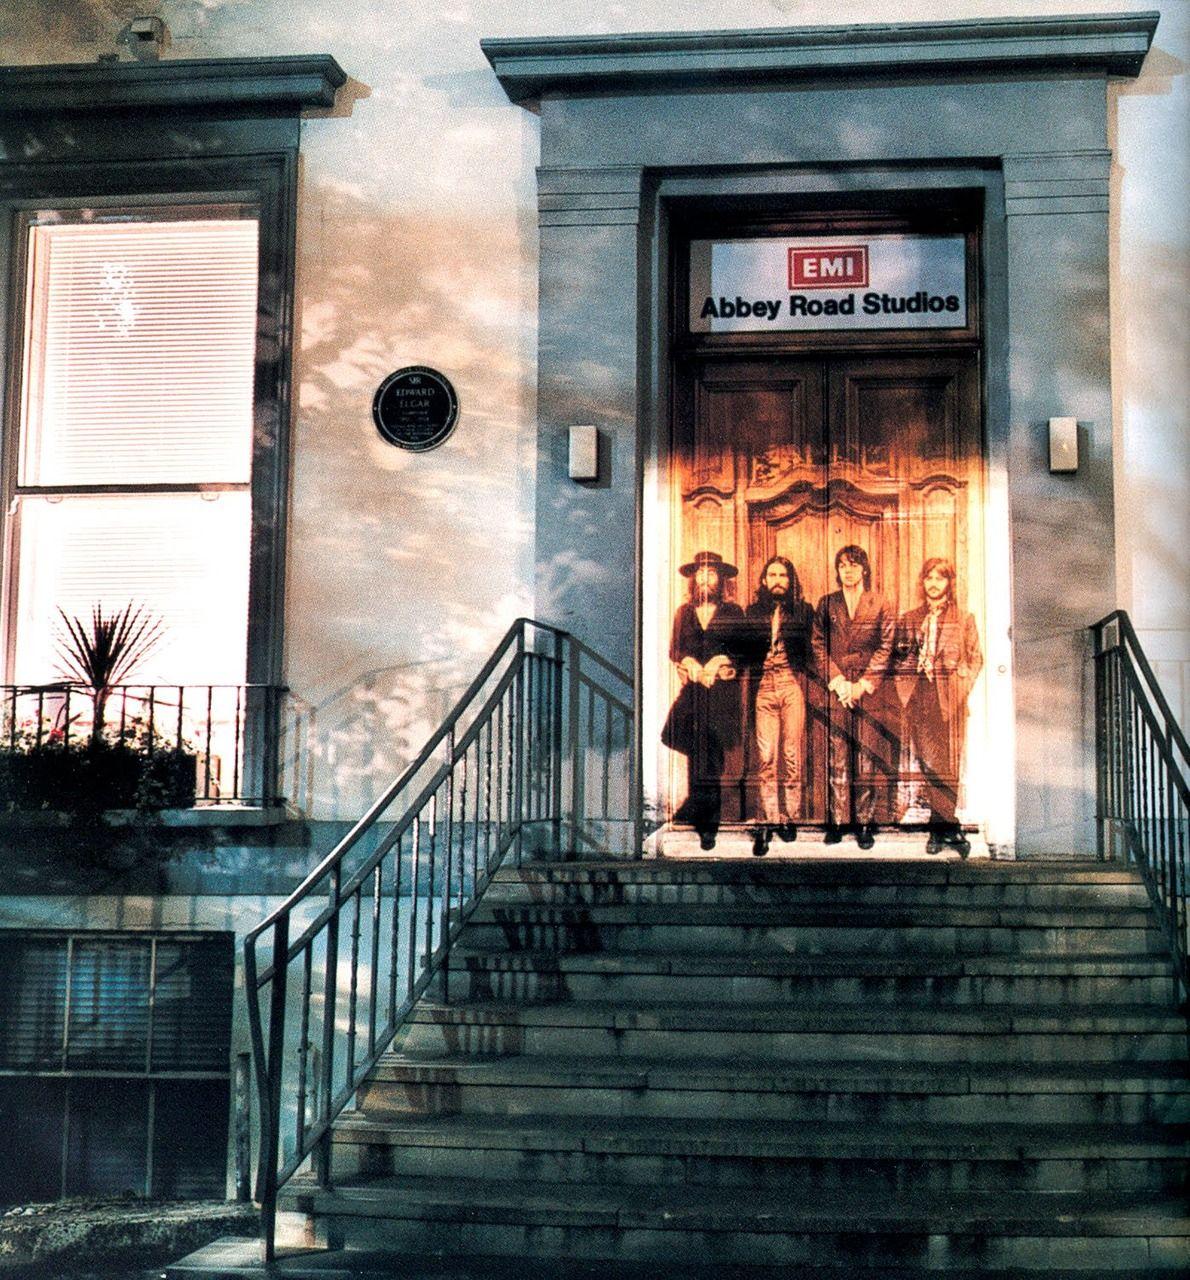 Los estudios de grabación Abbey Road Studios (llamados EMI Studios hasta 1970) están ubicados en la calle londinense de Abbey Road. El grupo The Beatles grabó casi la totalidad de su discografía en ellos